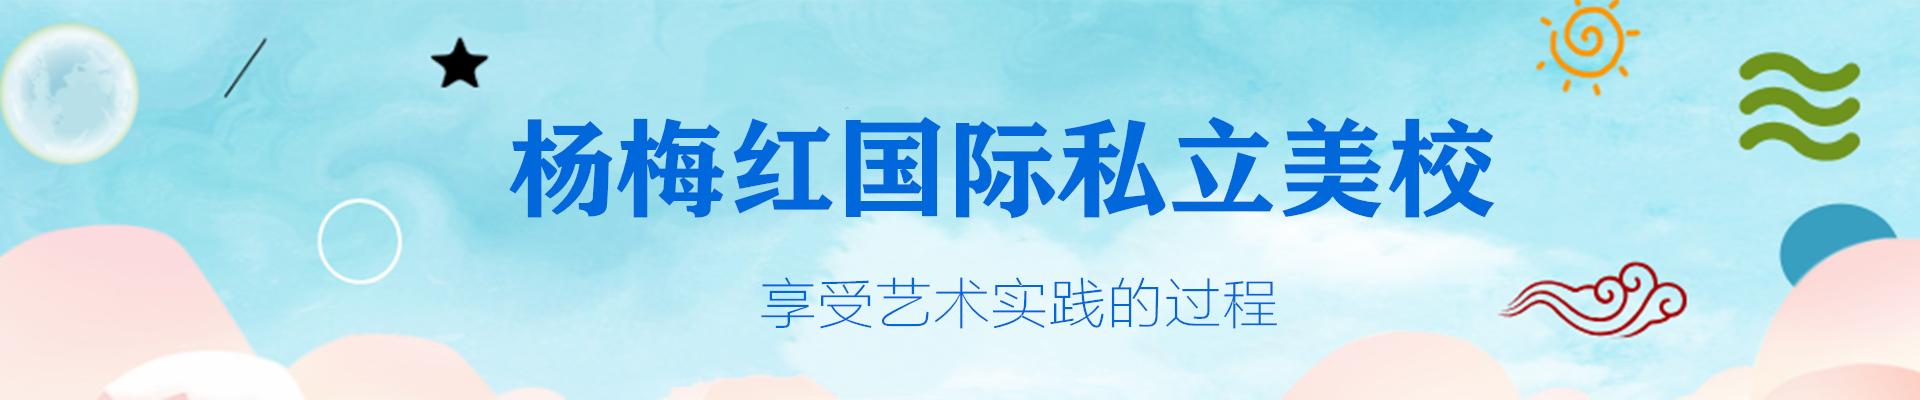 成都凯德新南杨梅红国际私立美校